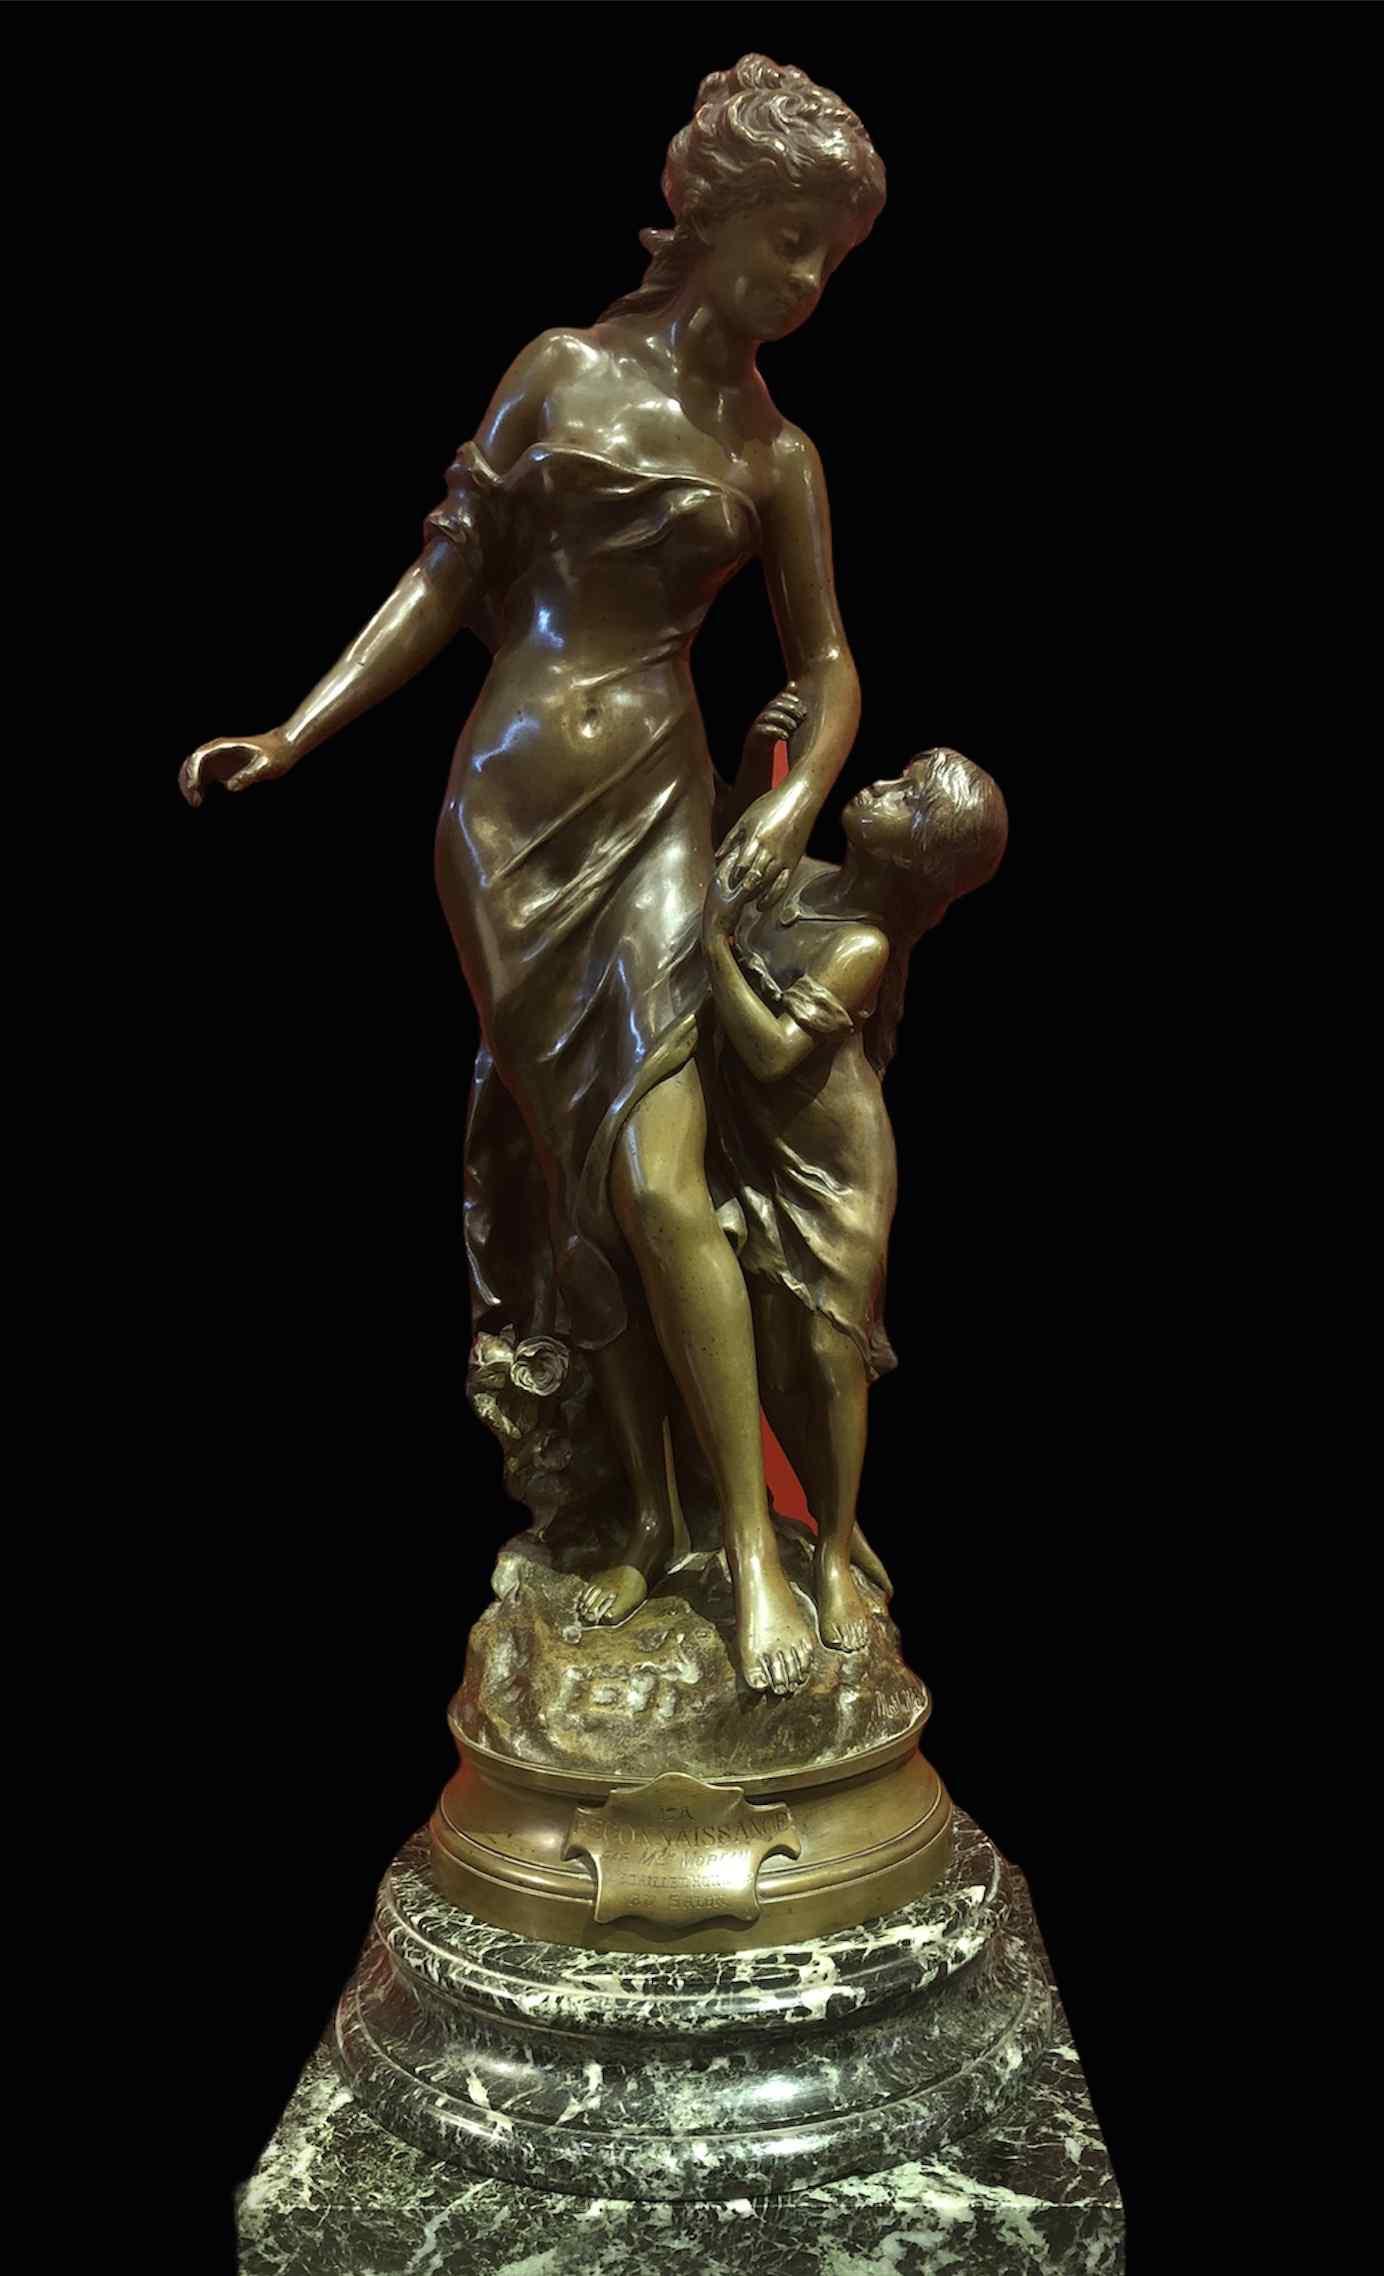 Il riconoscimento in bronzo firmato 19th Century da Mathurin